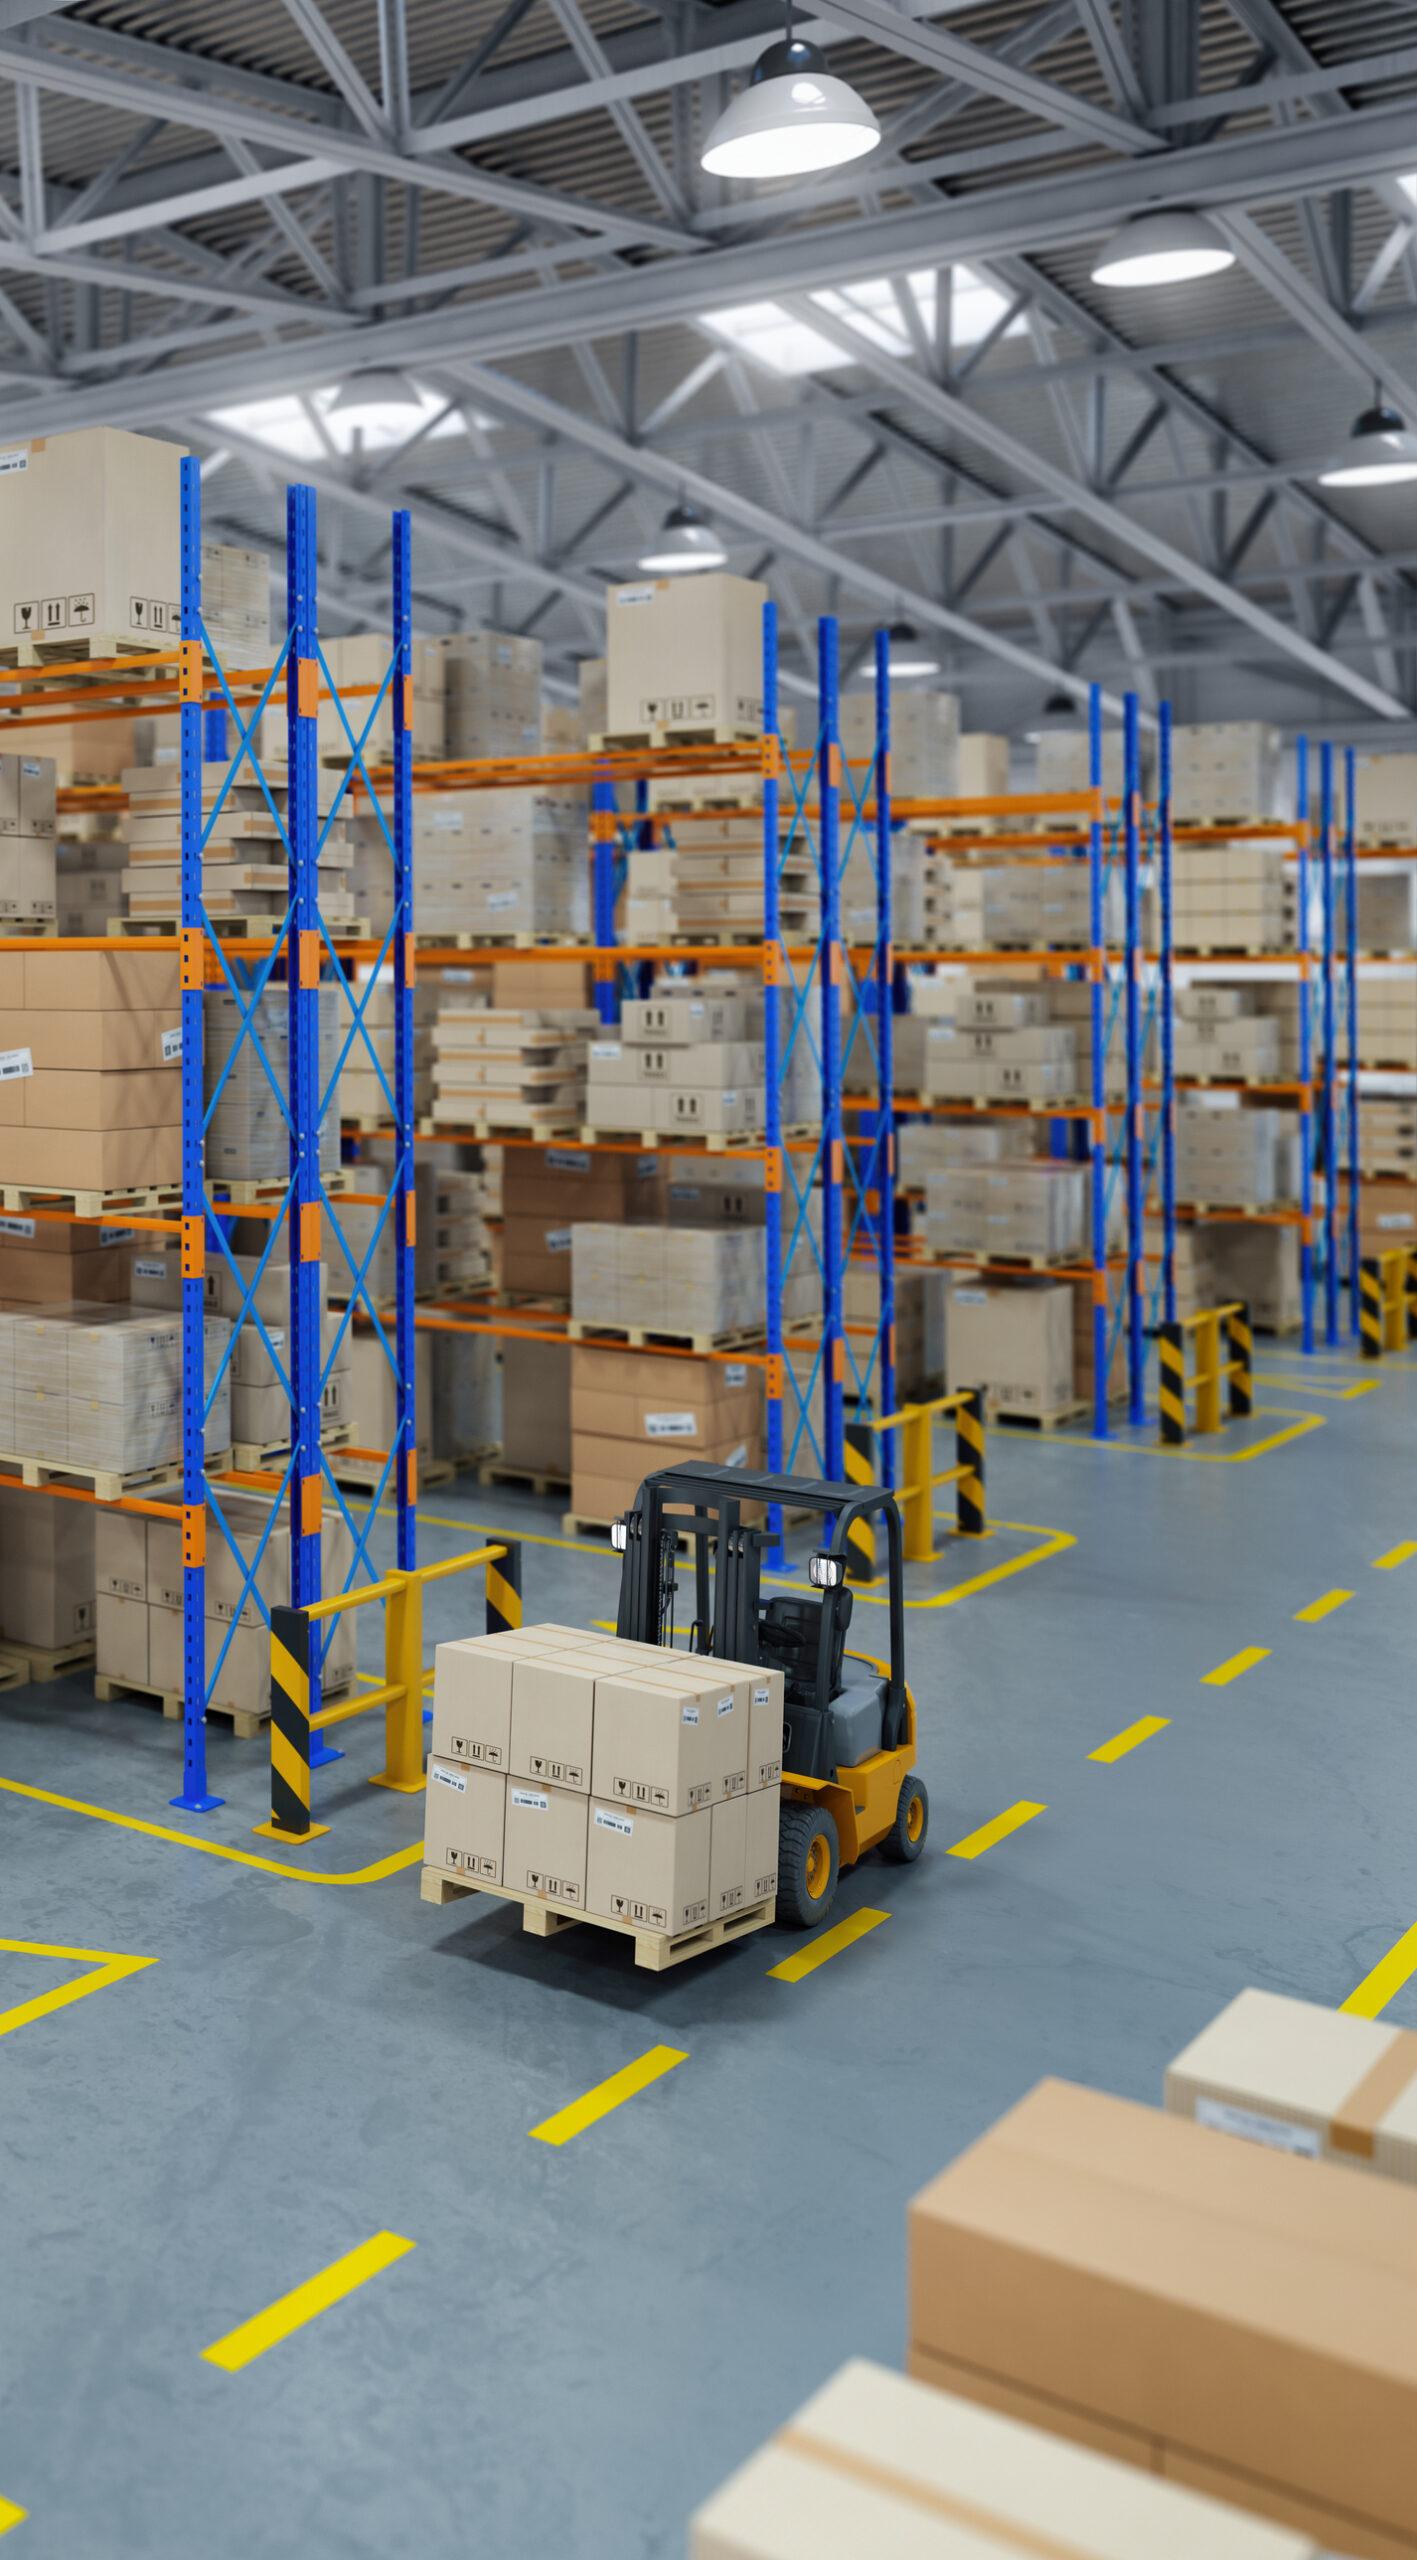 Warehouse-scaled